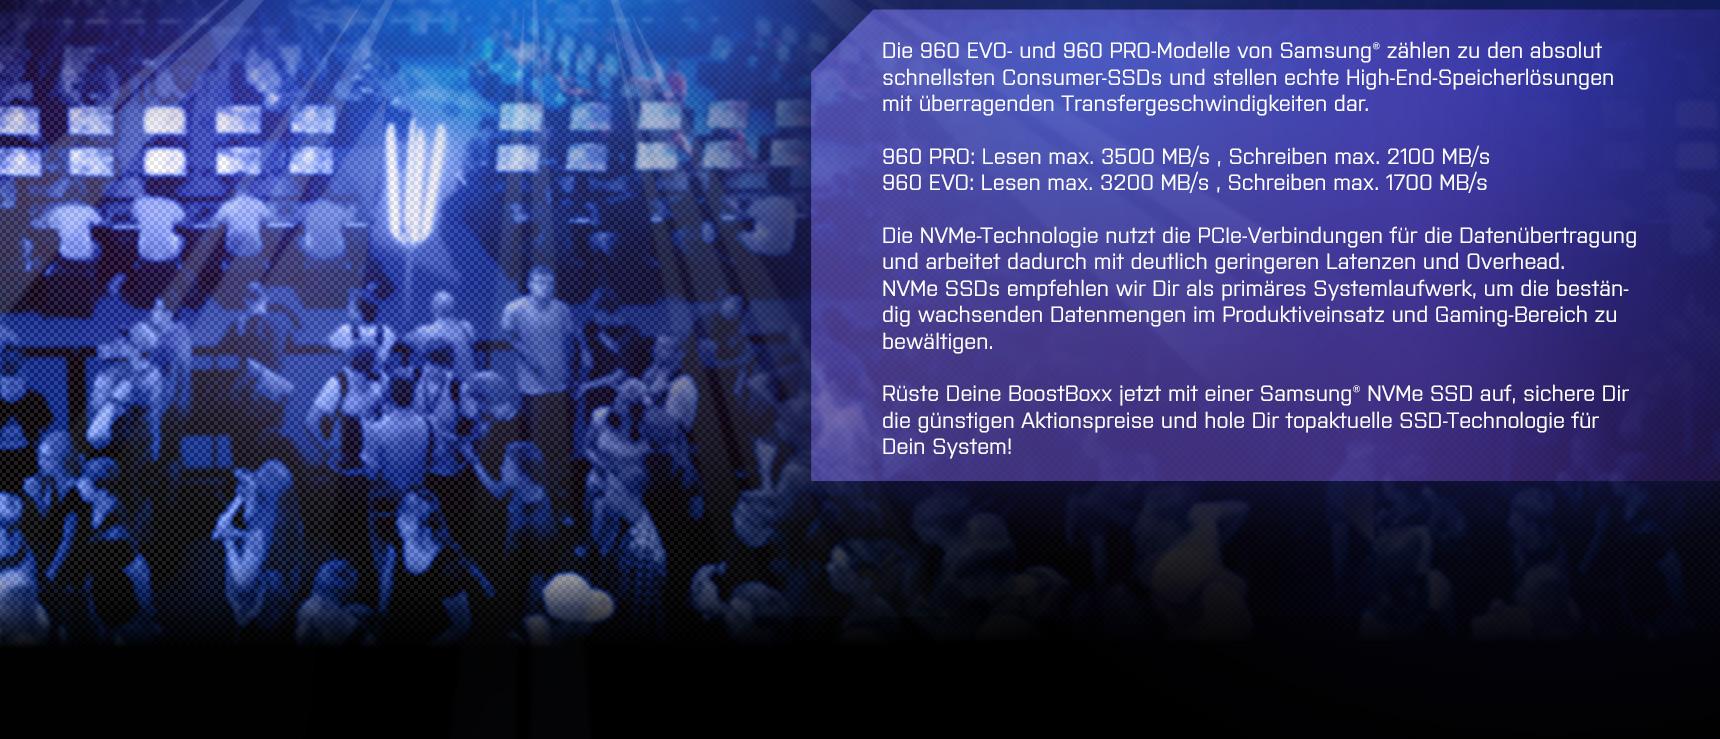 Samsung m.2-Rabatt Gamescom 2017 Aktionstext - Die 960 EVO- und 960 PRO-Modelle von Samsung® zählen zu den absolut schnellsten Consumer-SSDs und stellen echte High-End-Speicherlösungen mit überragenden Transfergeschwindigkeiten dar.